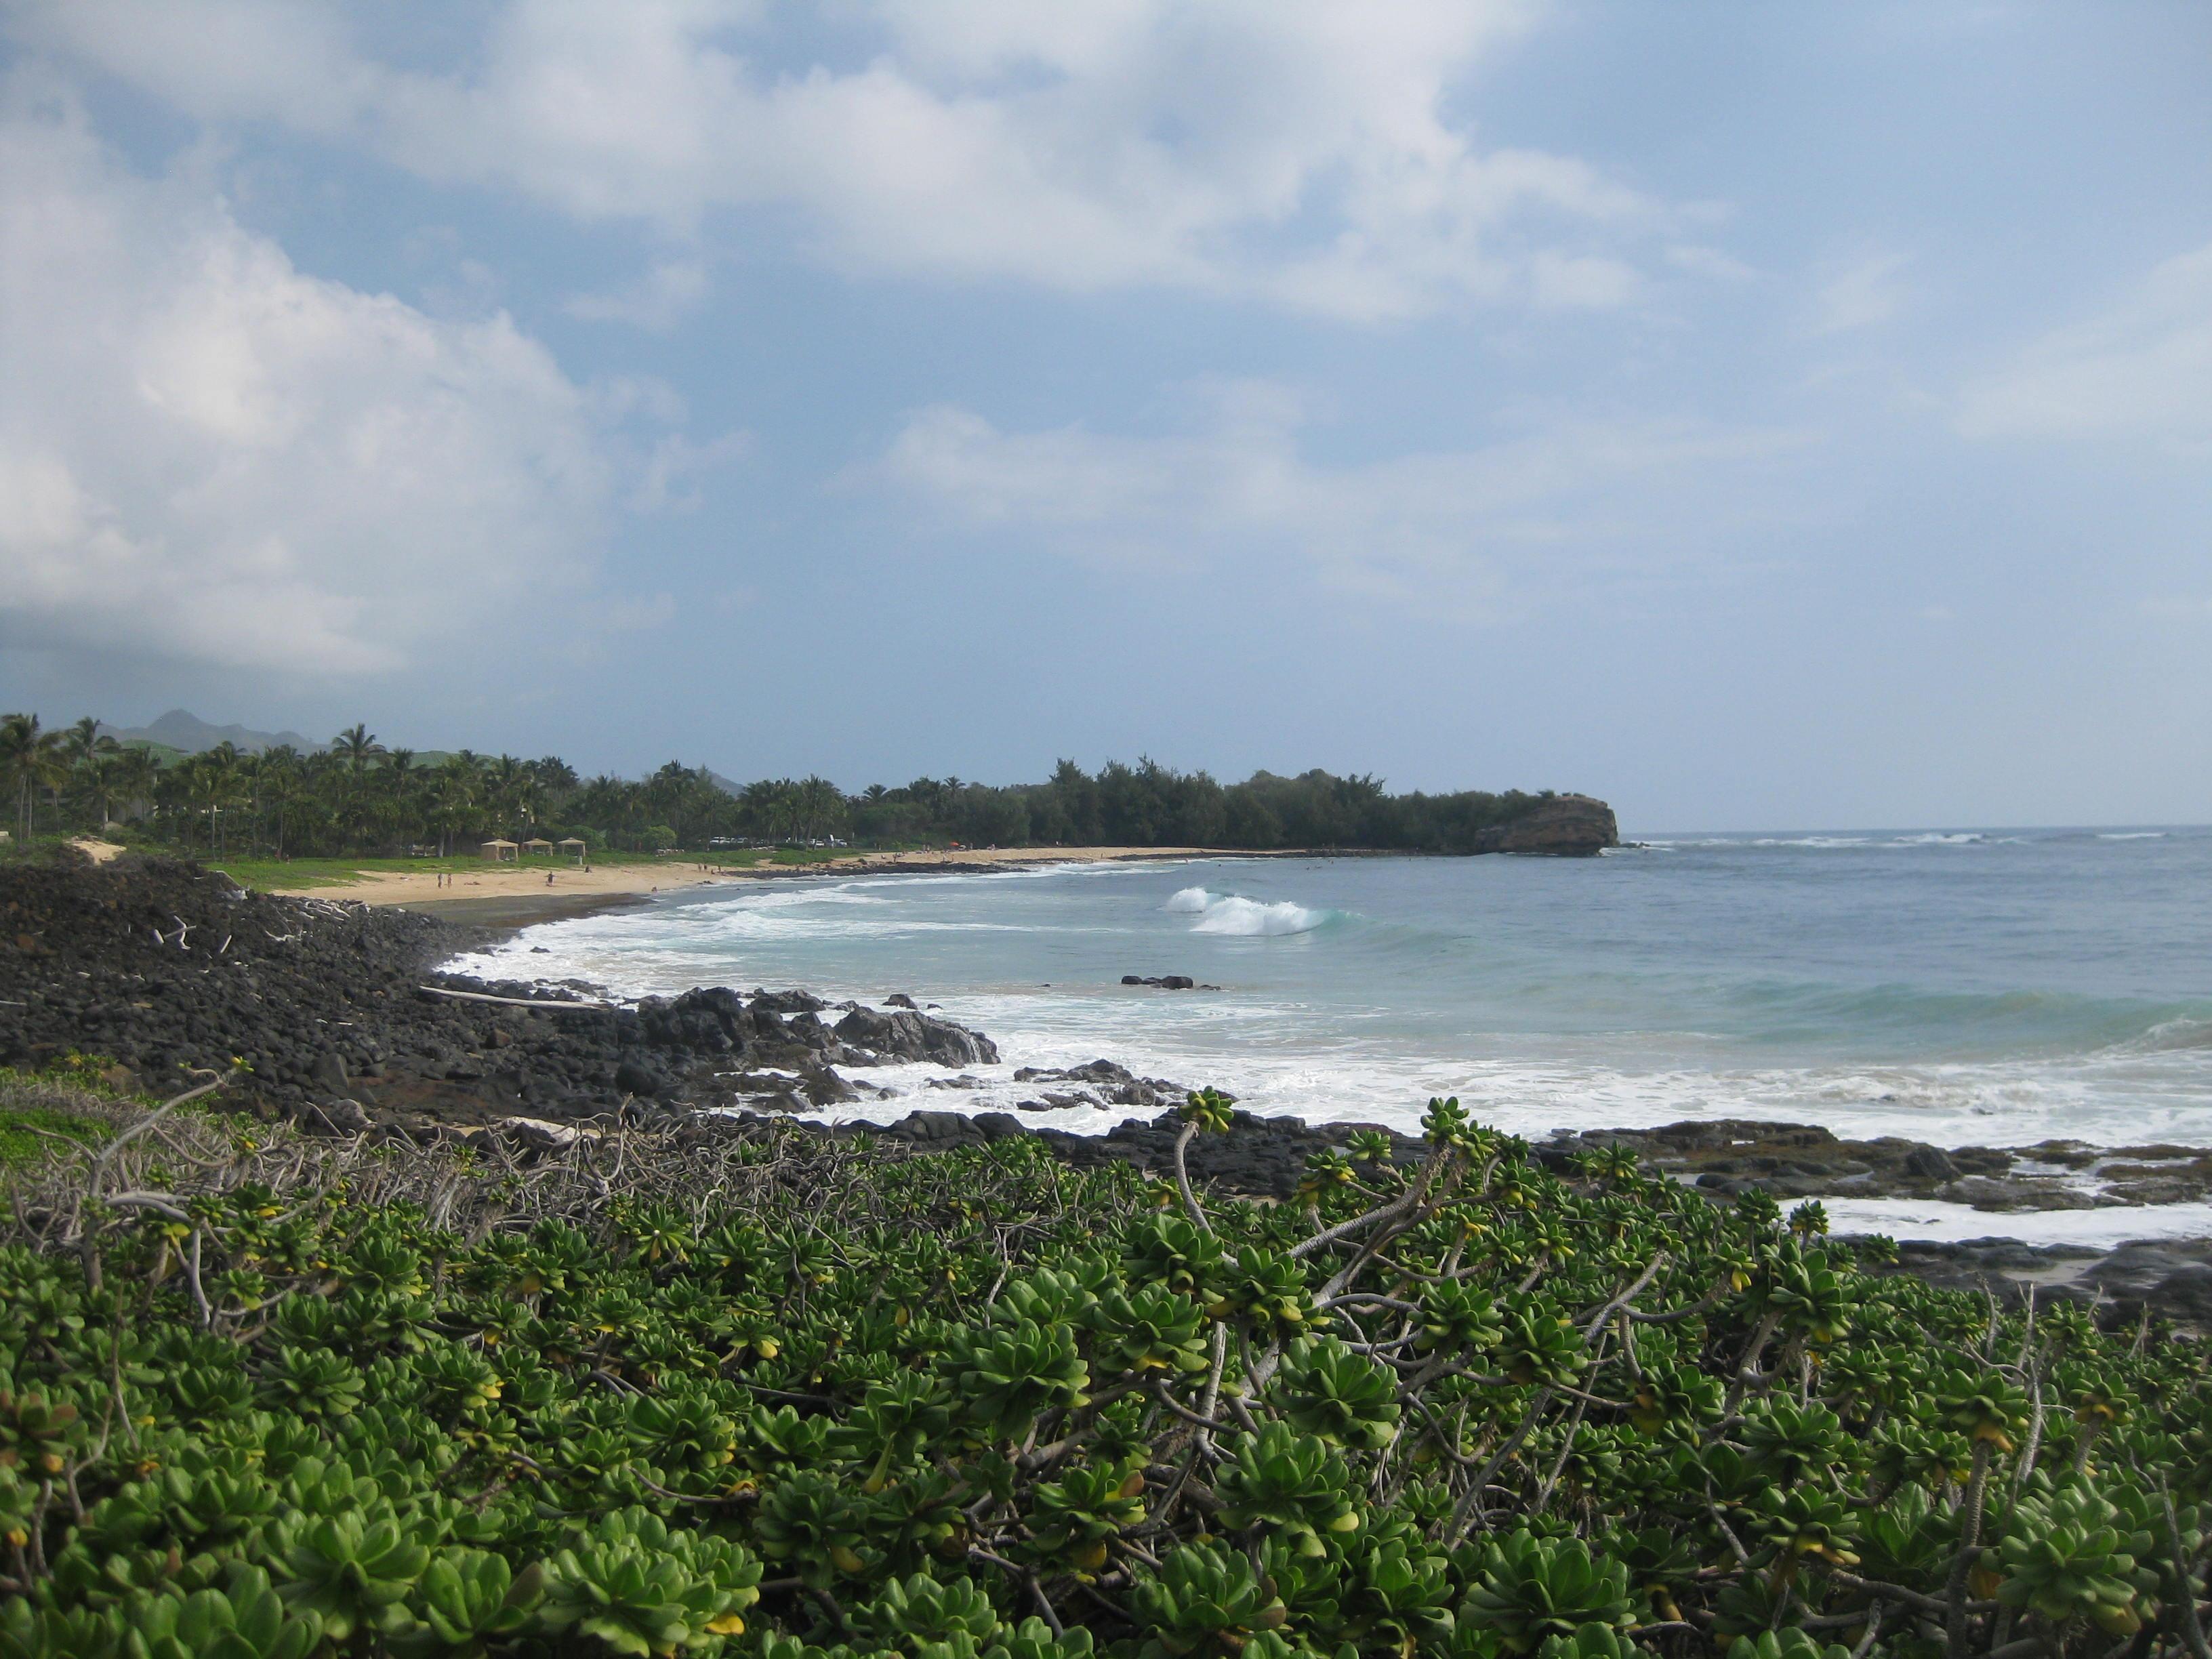 Kauai Beach 2